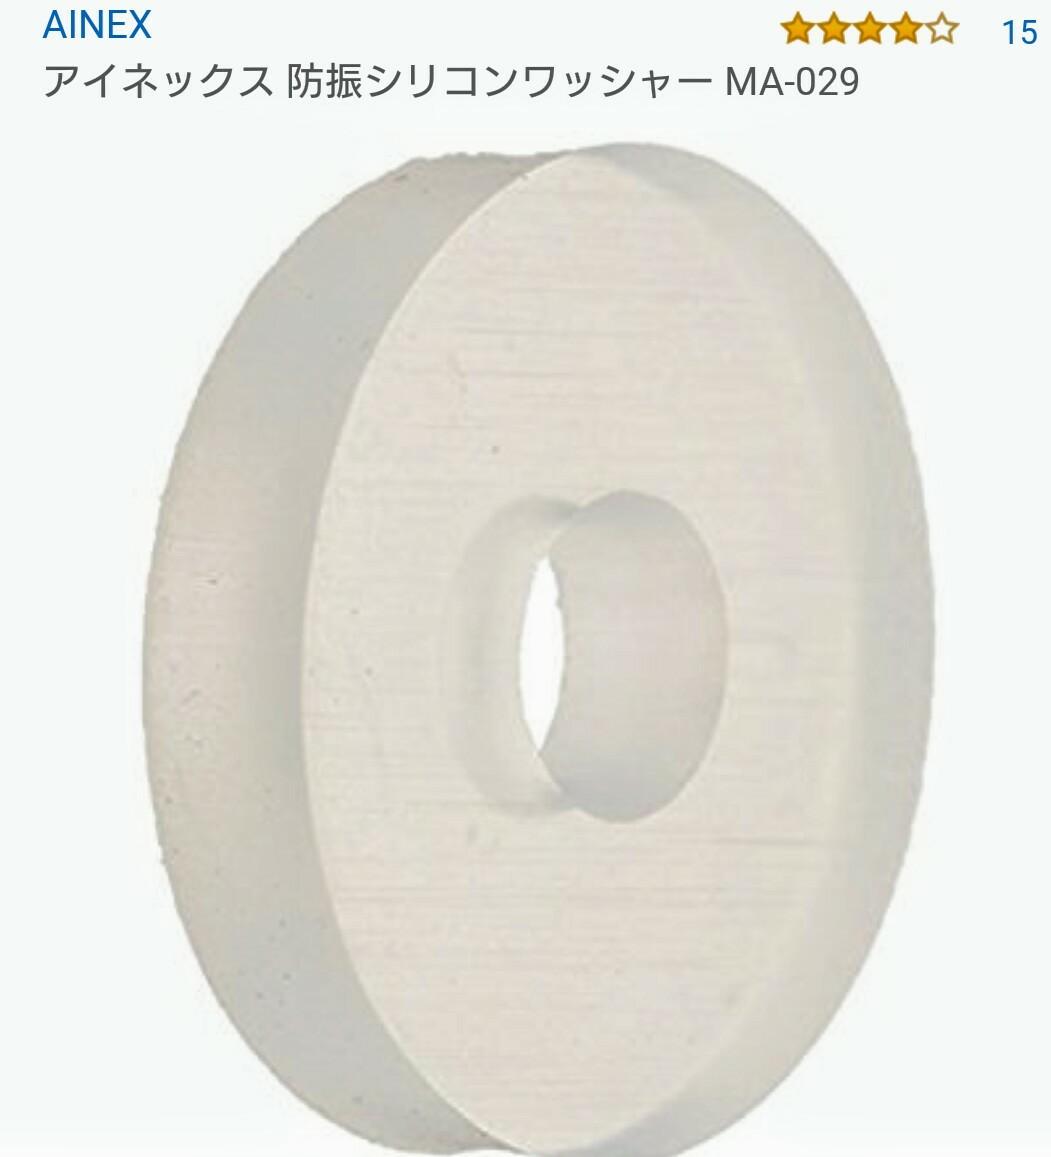 アイネックス 防振シリコンワッシャー MA-029